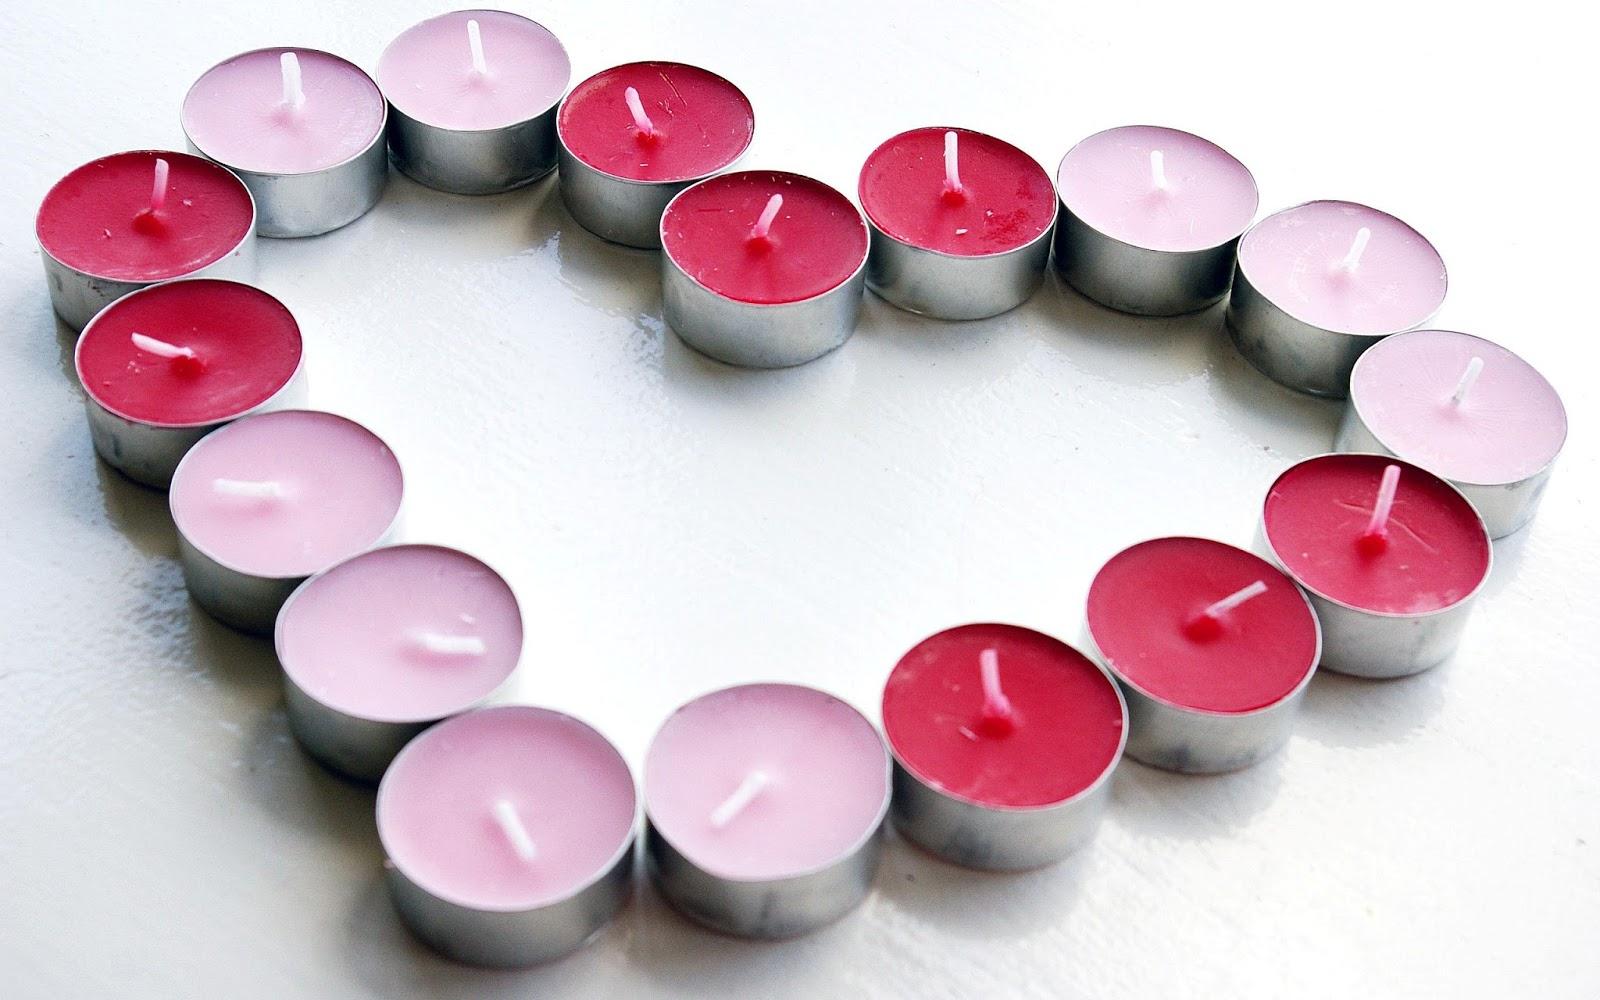 les diff rents types de bougies romantiques avenue romantique. Black Bedroom Furniture Sets. Home Design Ideas